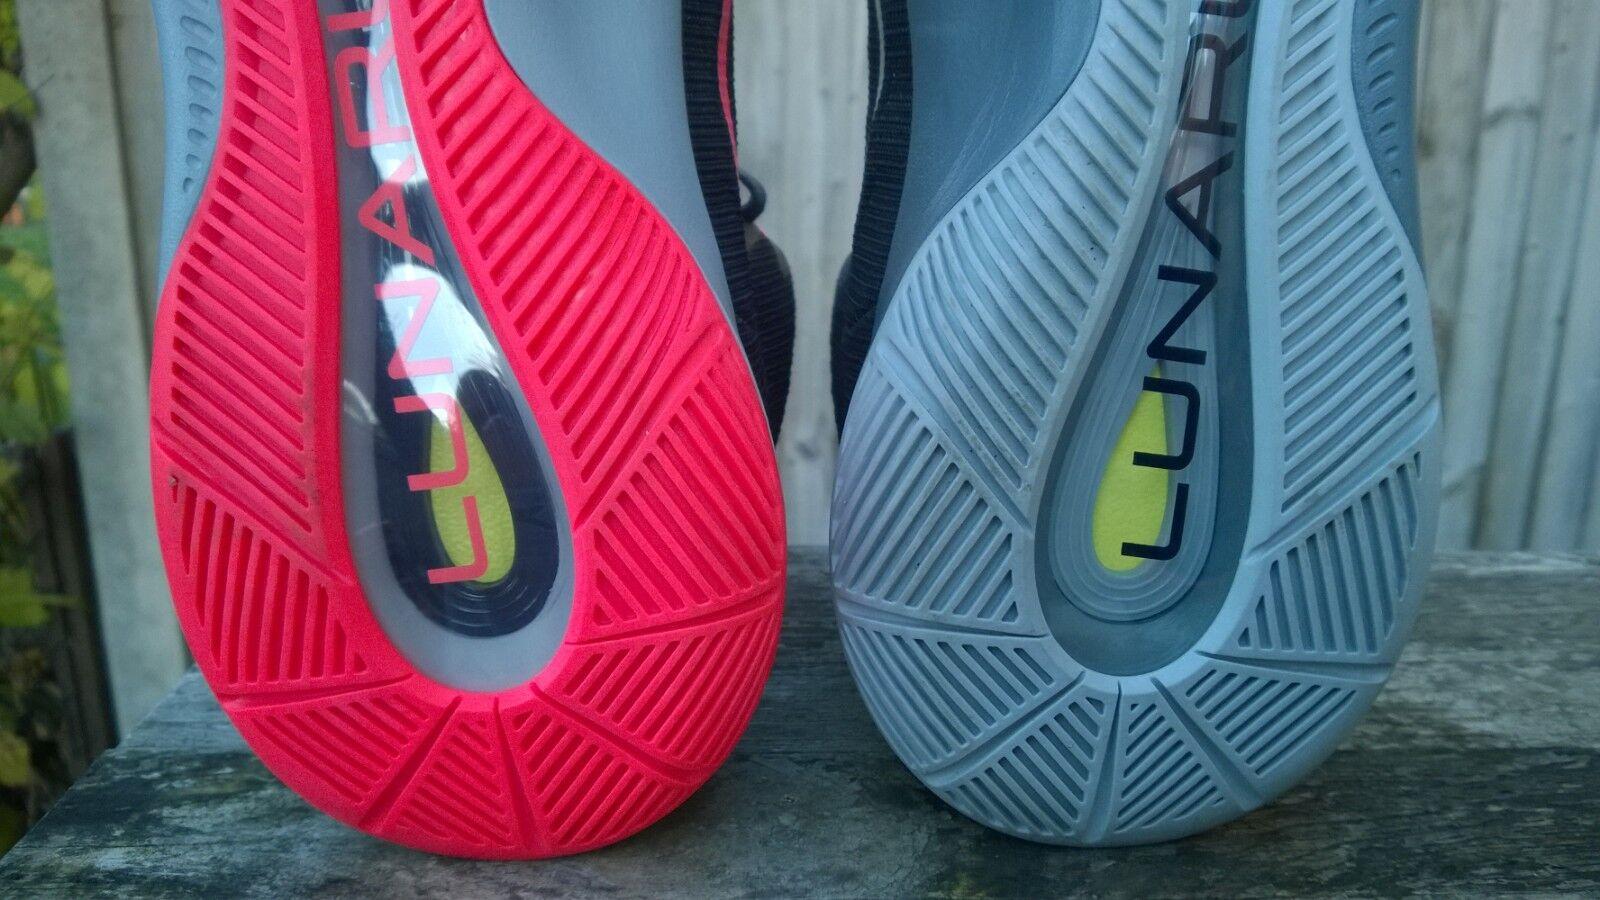 NIKE Hyper Quickness Lunarlon Lunarlon Lunarlon Scarpe da Basket Air Scarpe Da Ginnastica Nero Rosa Grigio UK10 | Nuovo  | Offerta Speciale  | Uomini/Donna Scarpa  0243c7